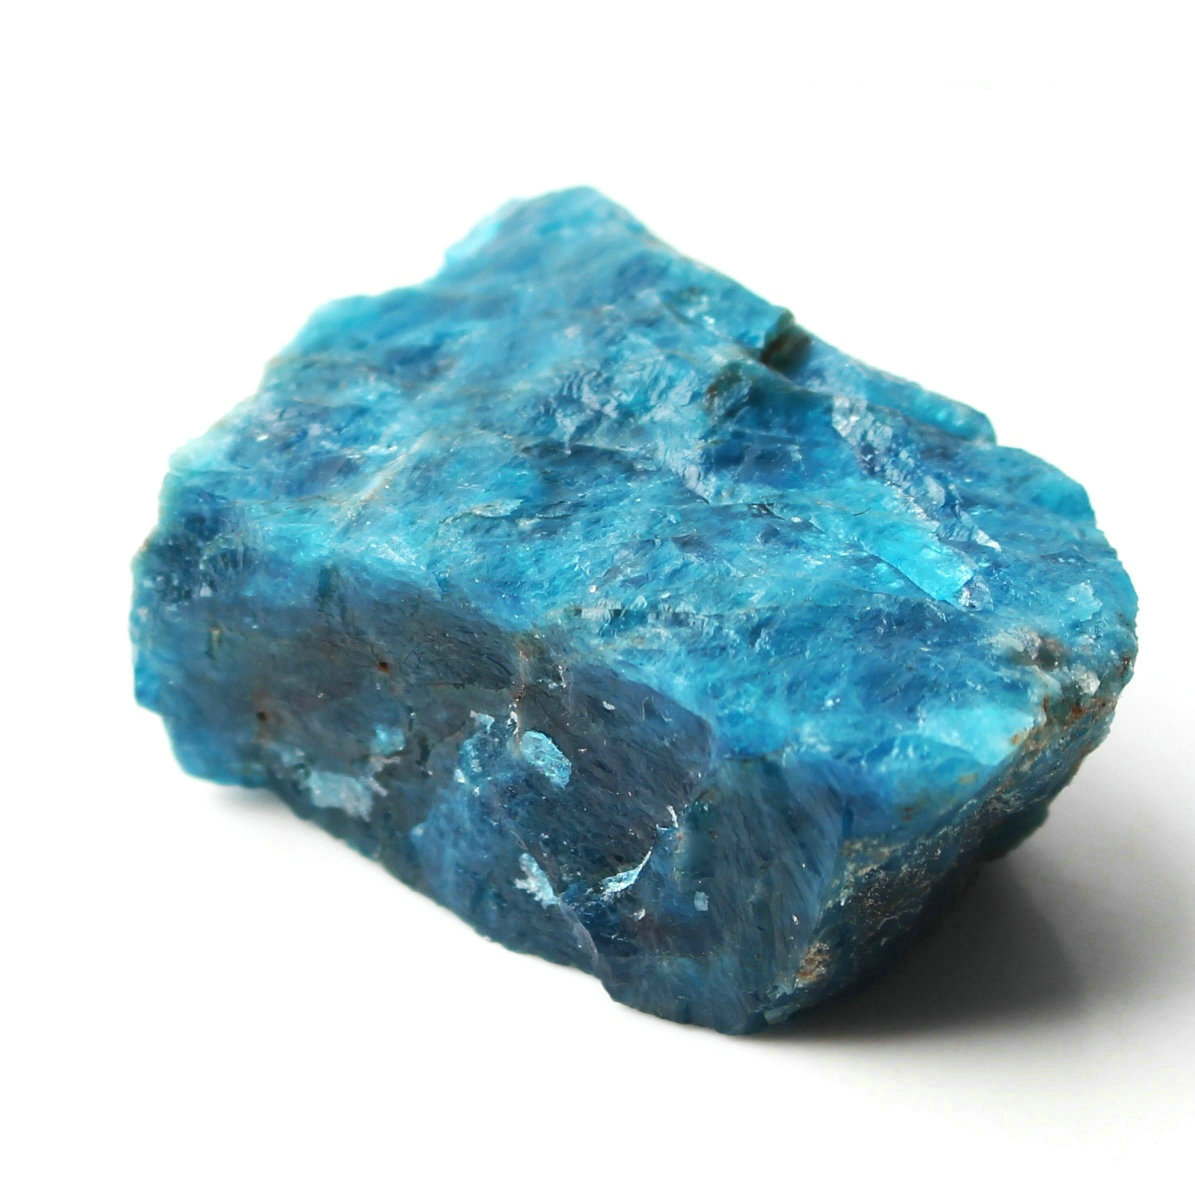 Натуральный Амазонит, 1 шт., минерал с лечебным действием, образцы драгоценных камней